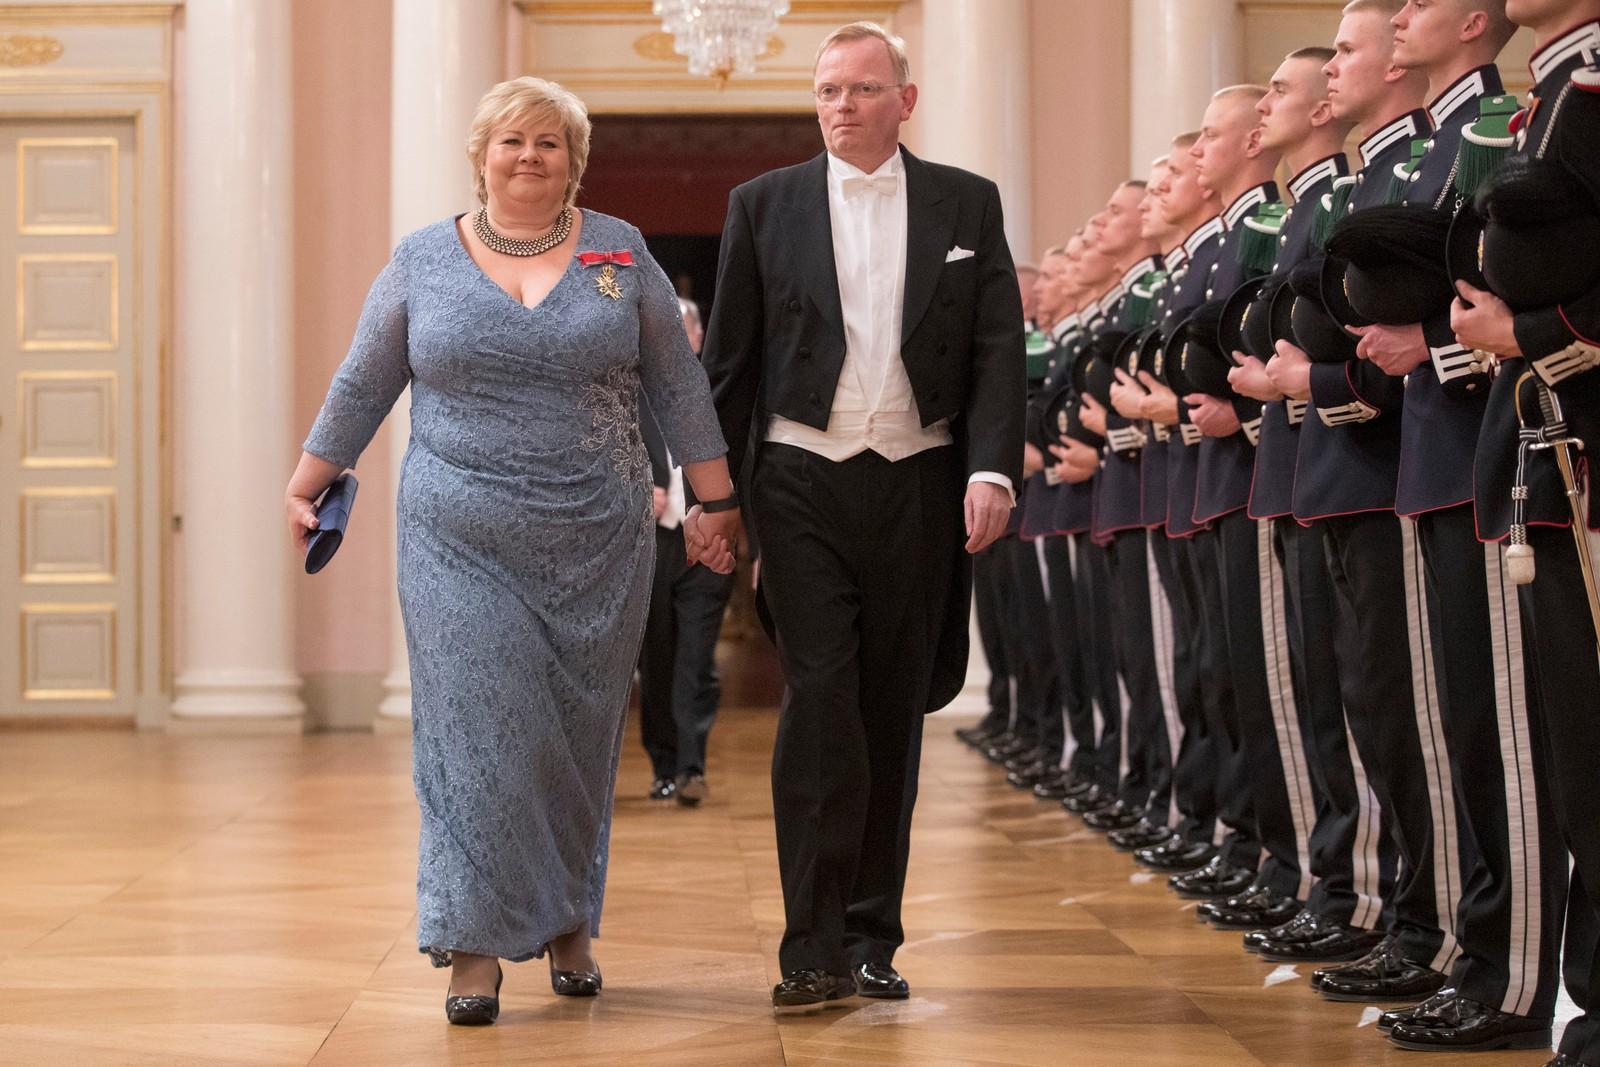 Gallamiddag på Slottet i anledning kongeparets 80-årsfeiring. Statsminiser Erna Solberg og ektemannen Sindre Finnes på vei inn til gallamiddag i anledning kongeparets 80-årsfeiring. POOL.